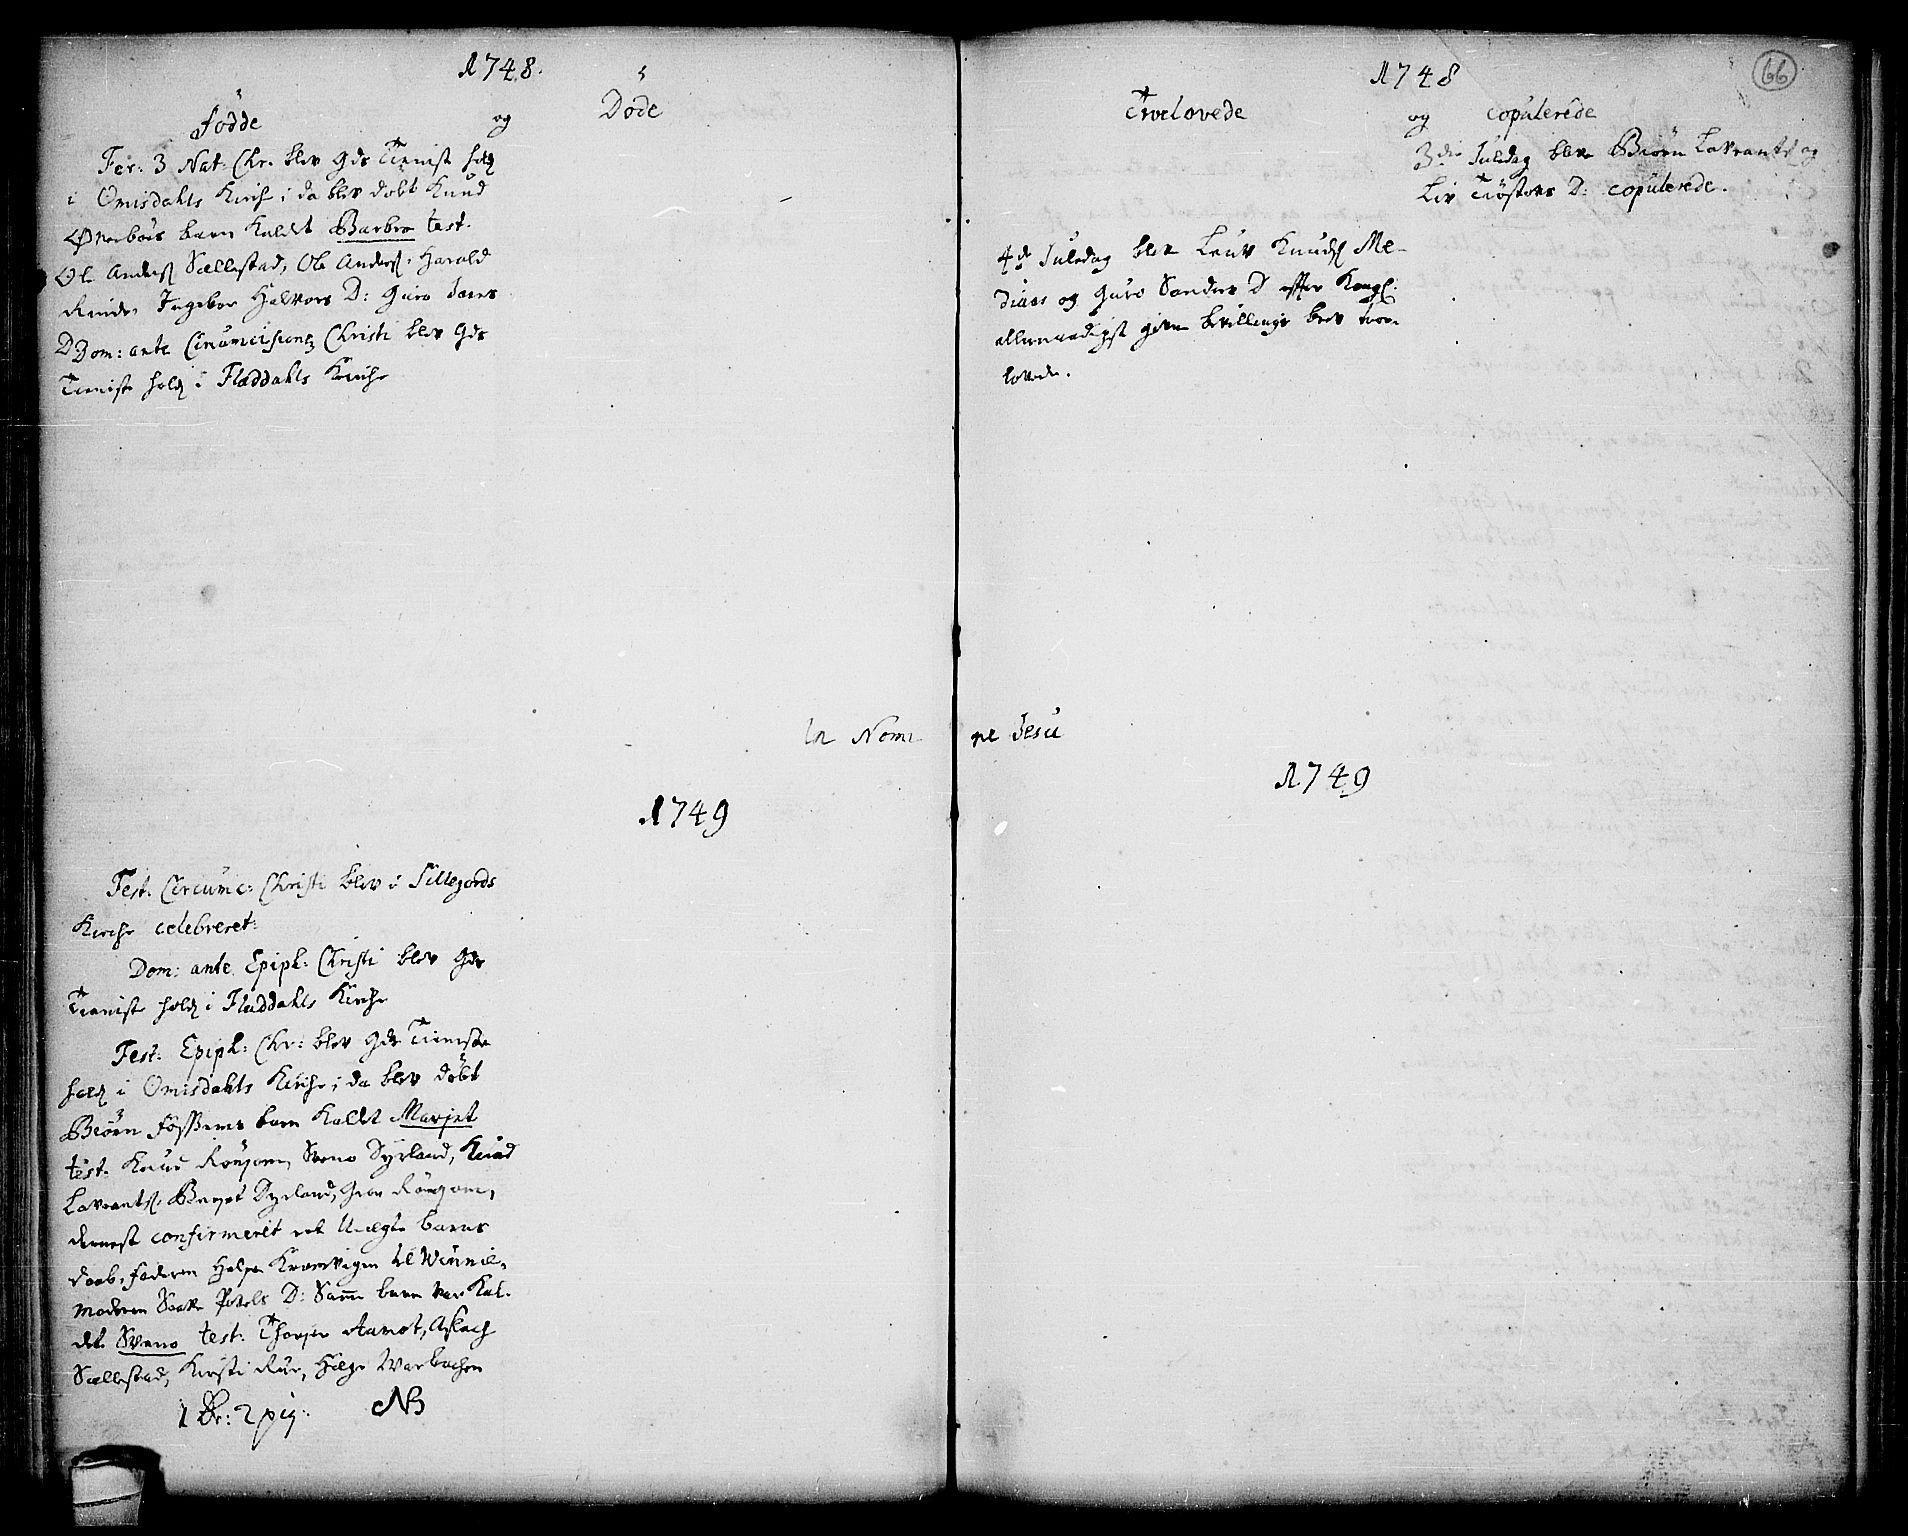 SAKO, Seljord kirkebøker, F/Fa/L0006: Ministerialbok nr. I 6, 1744-1755, s. 66